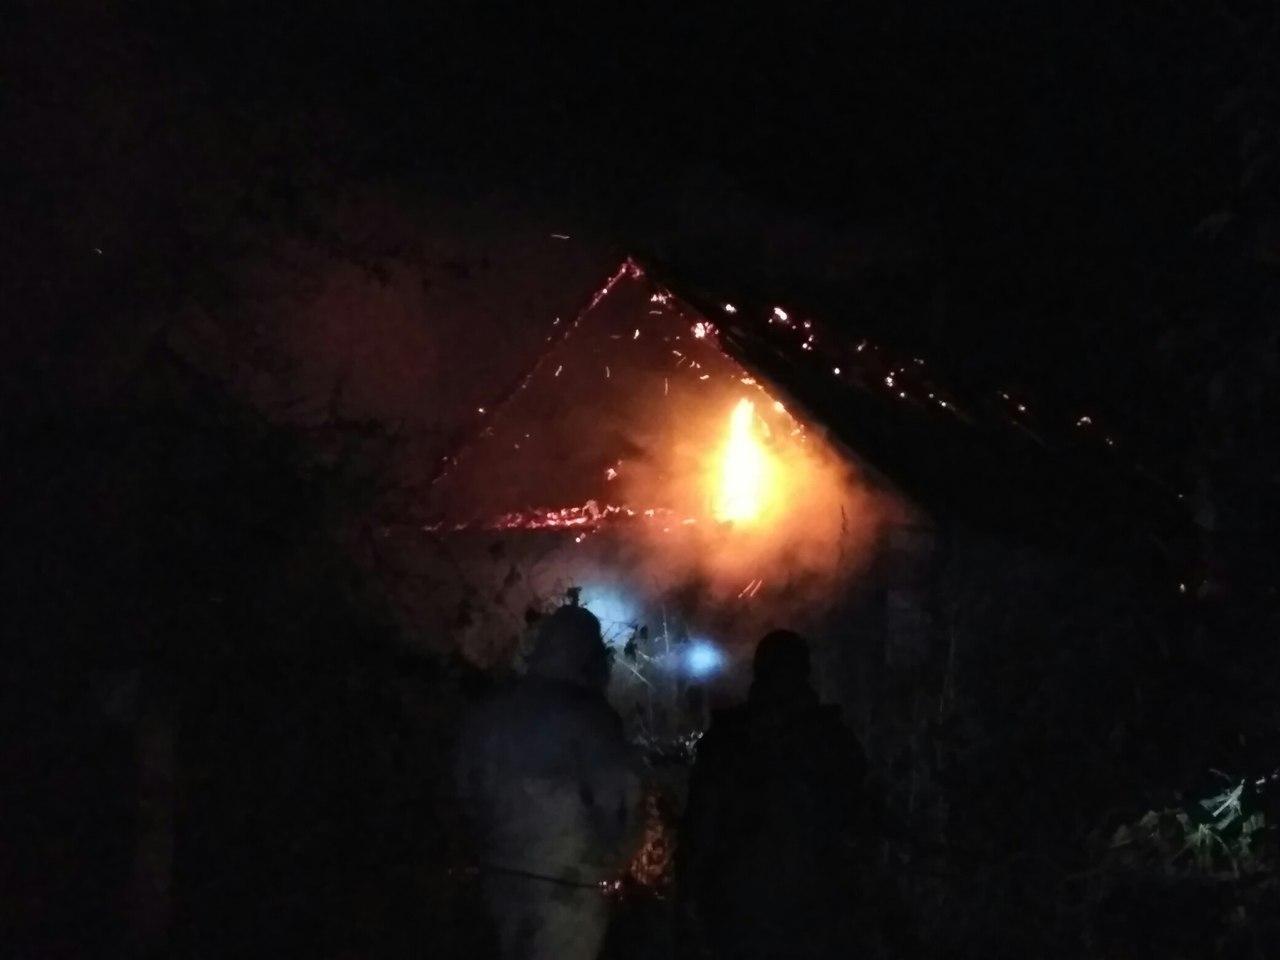 У Новій Каховці згорів житловий будинок: власник травмувався, а його співмешканка загинула